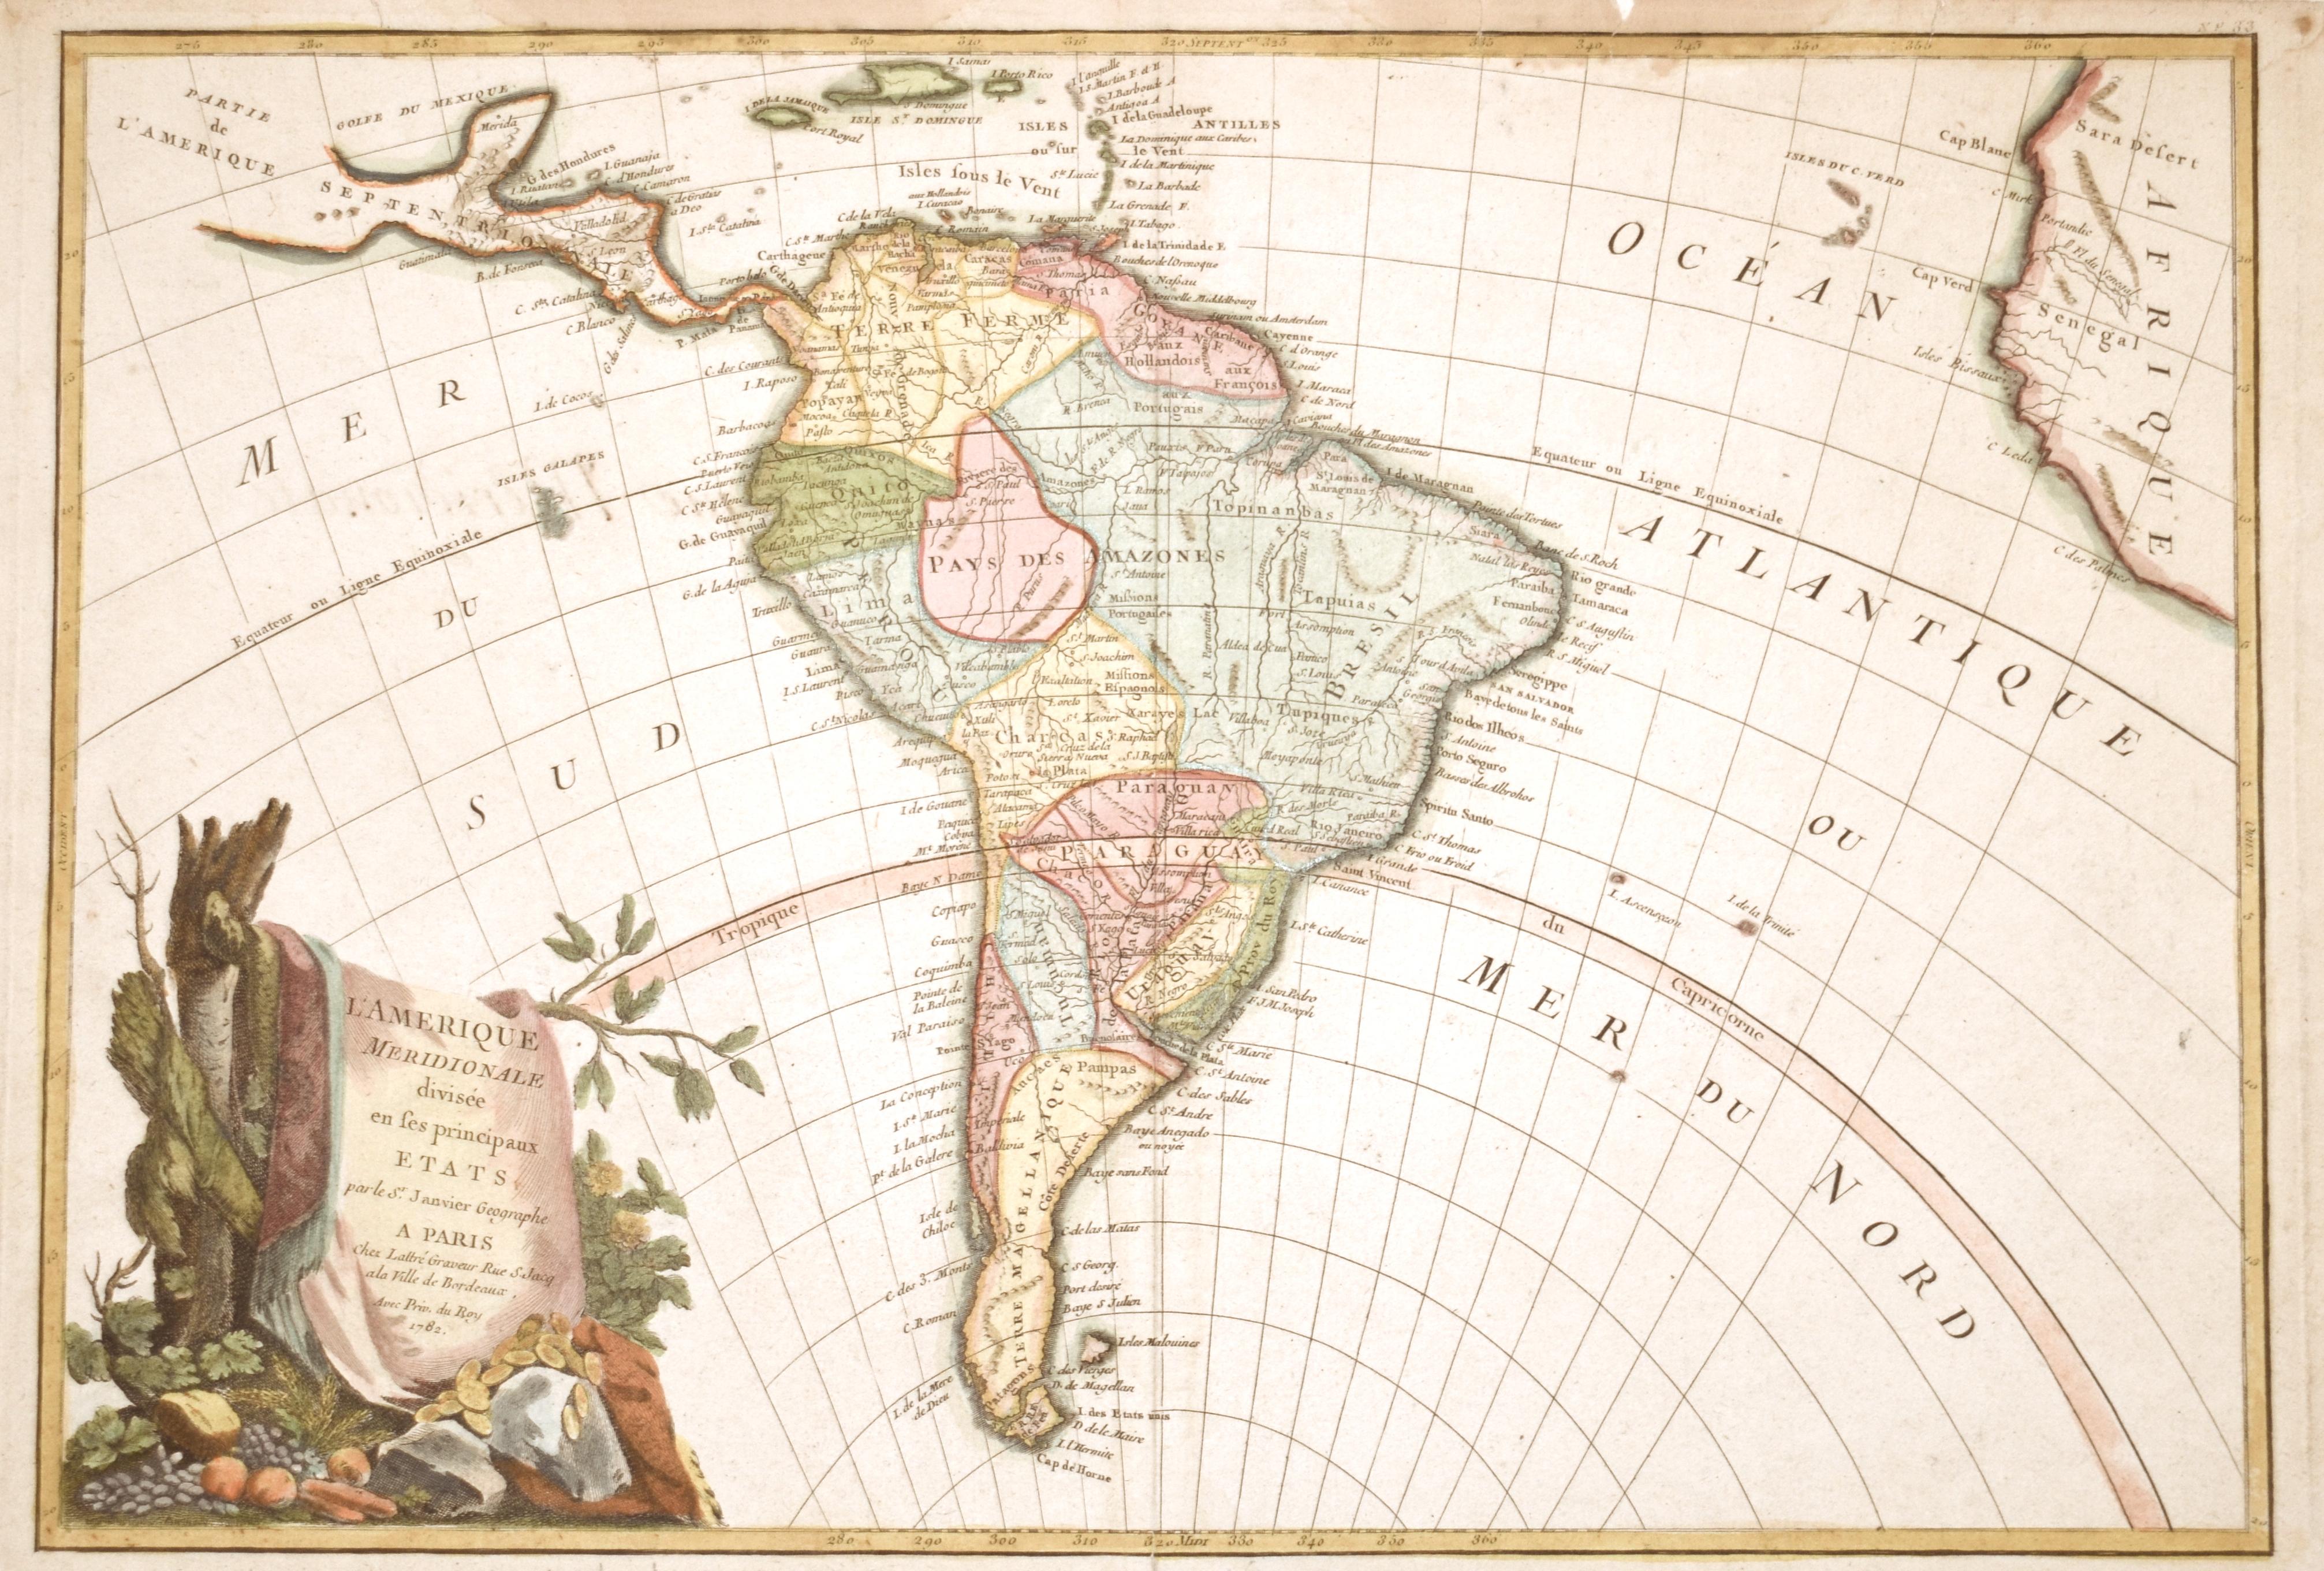 Janvier Sieur  L'Amerique Meridionale divisée en ses principaux Etats..